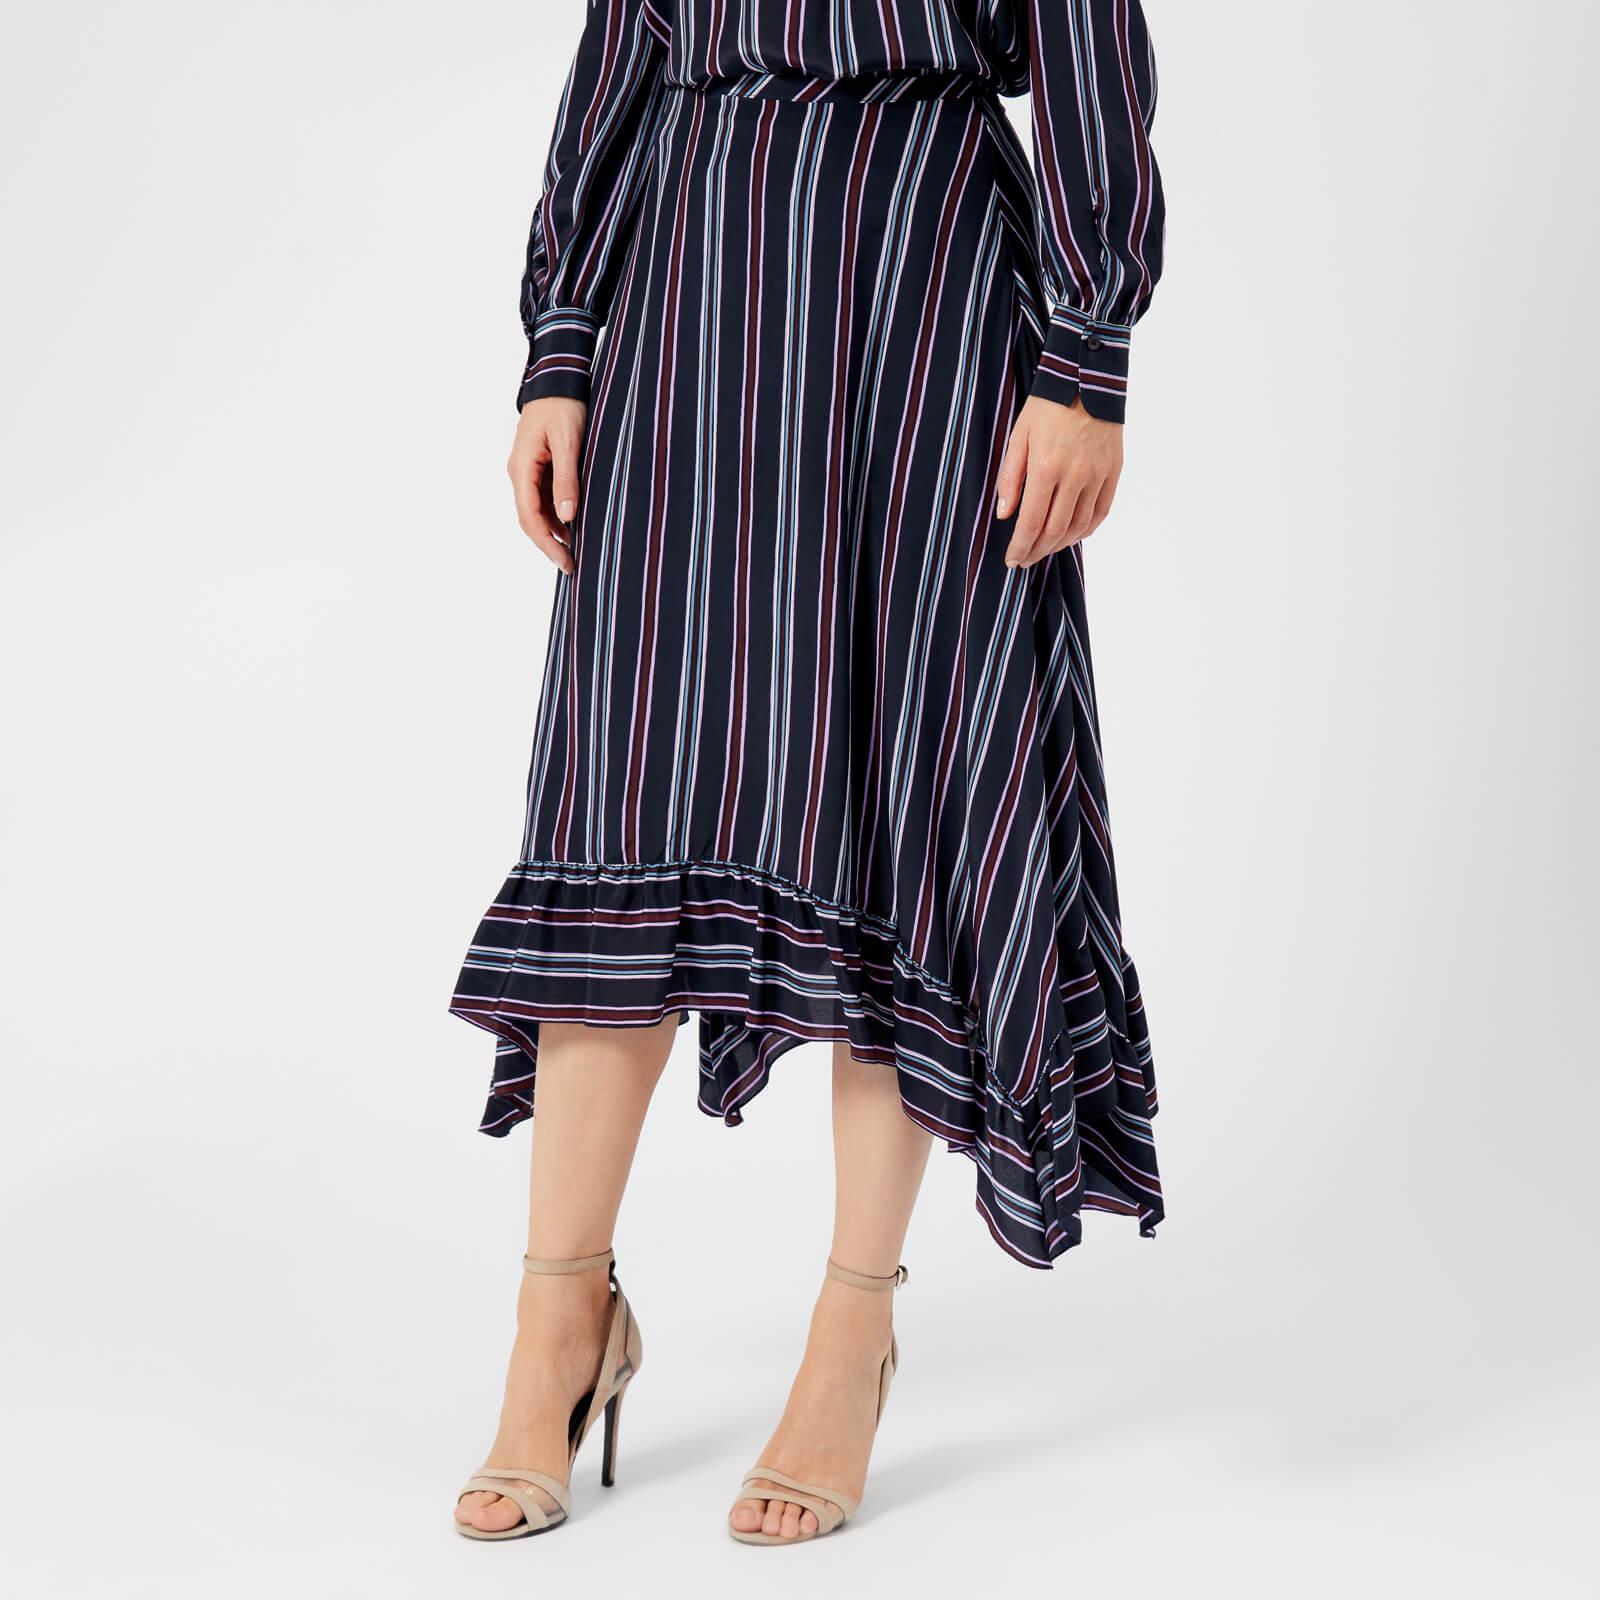 e8e87b4e7 Midi Skirt Patterns Free   Huston Fislar Photography